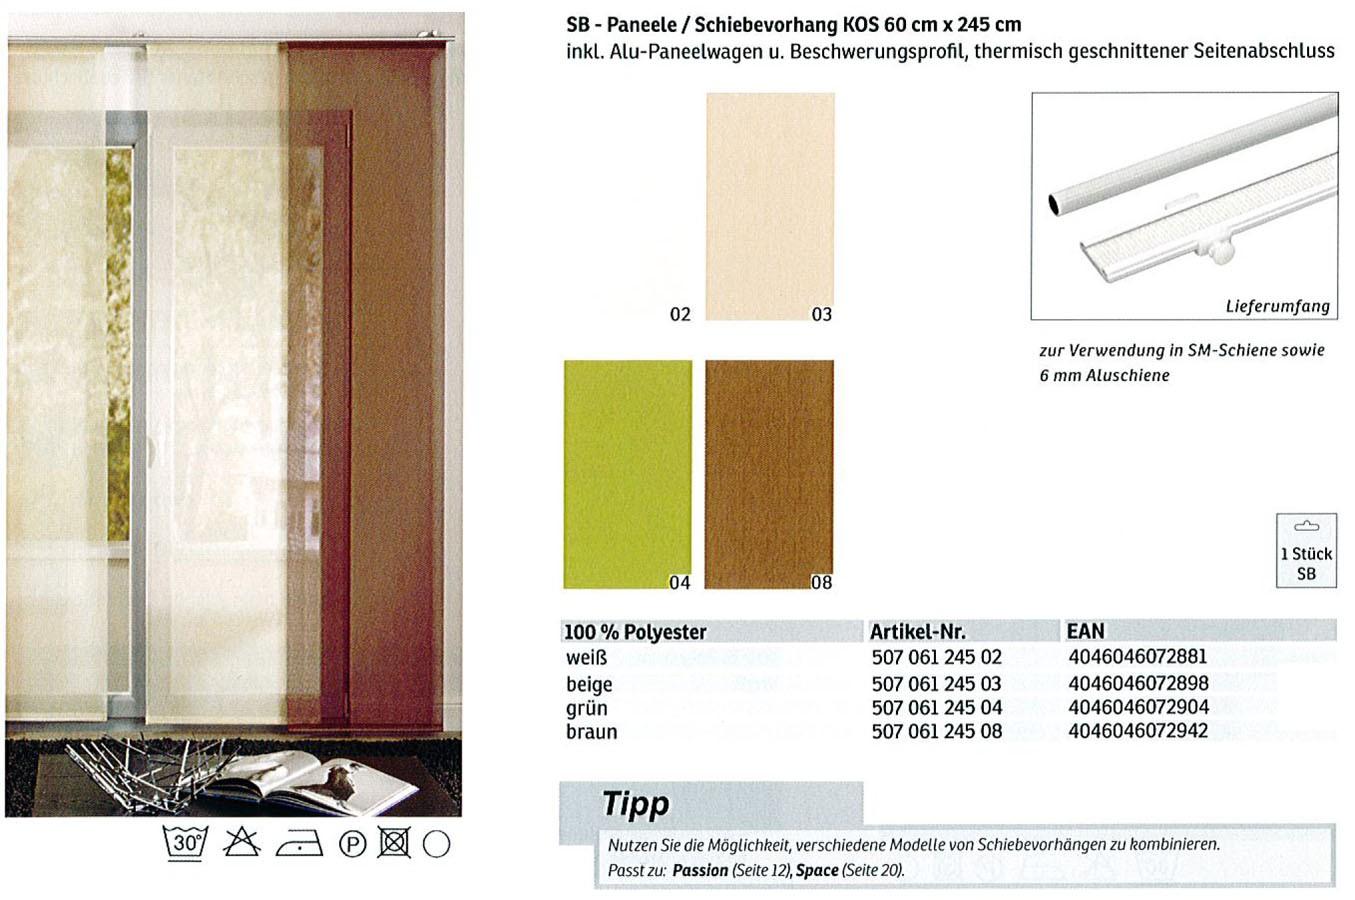 SB-Paneele / Schiebevorhang Kos weiß 60 x 245 cm